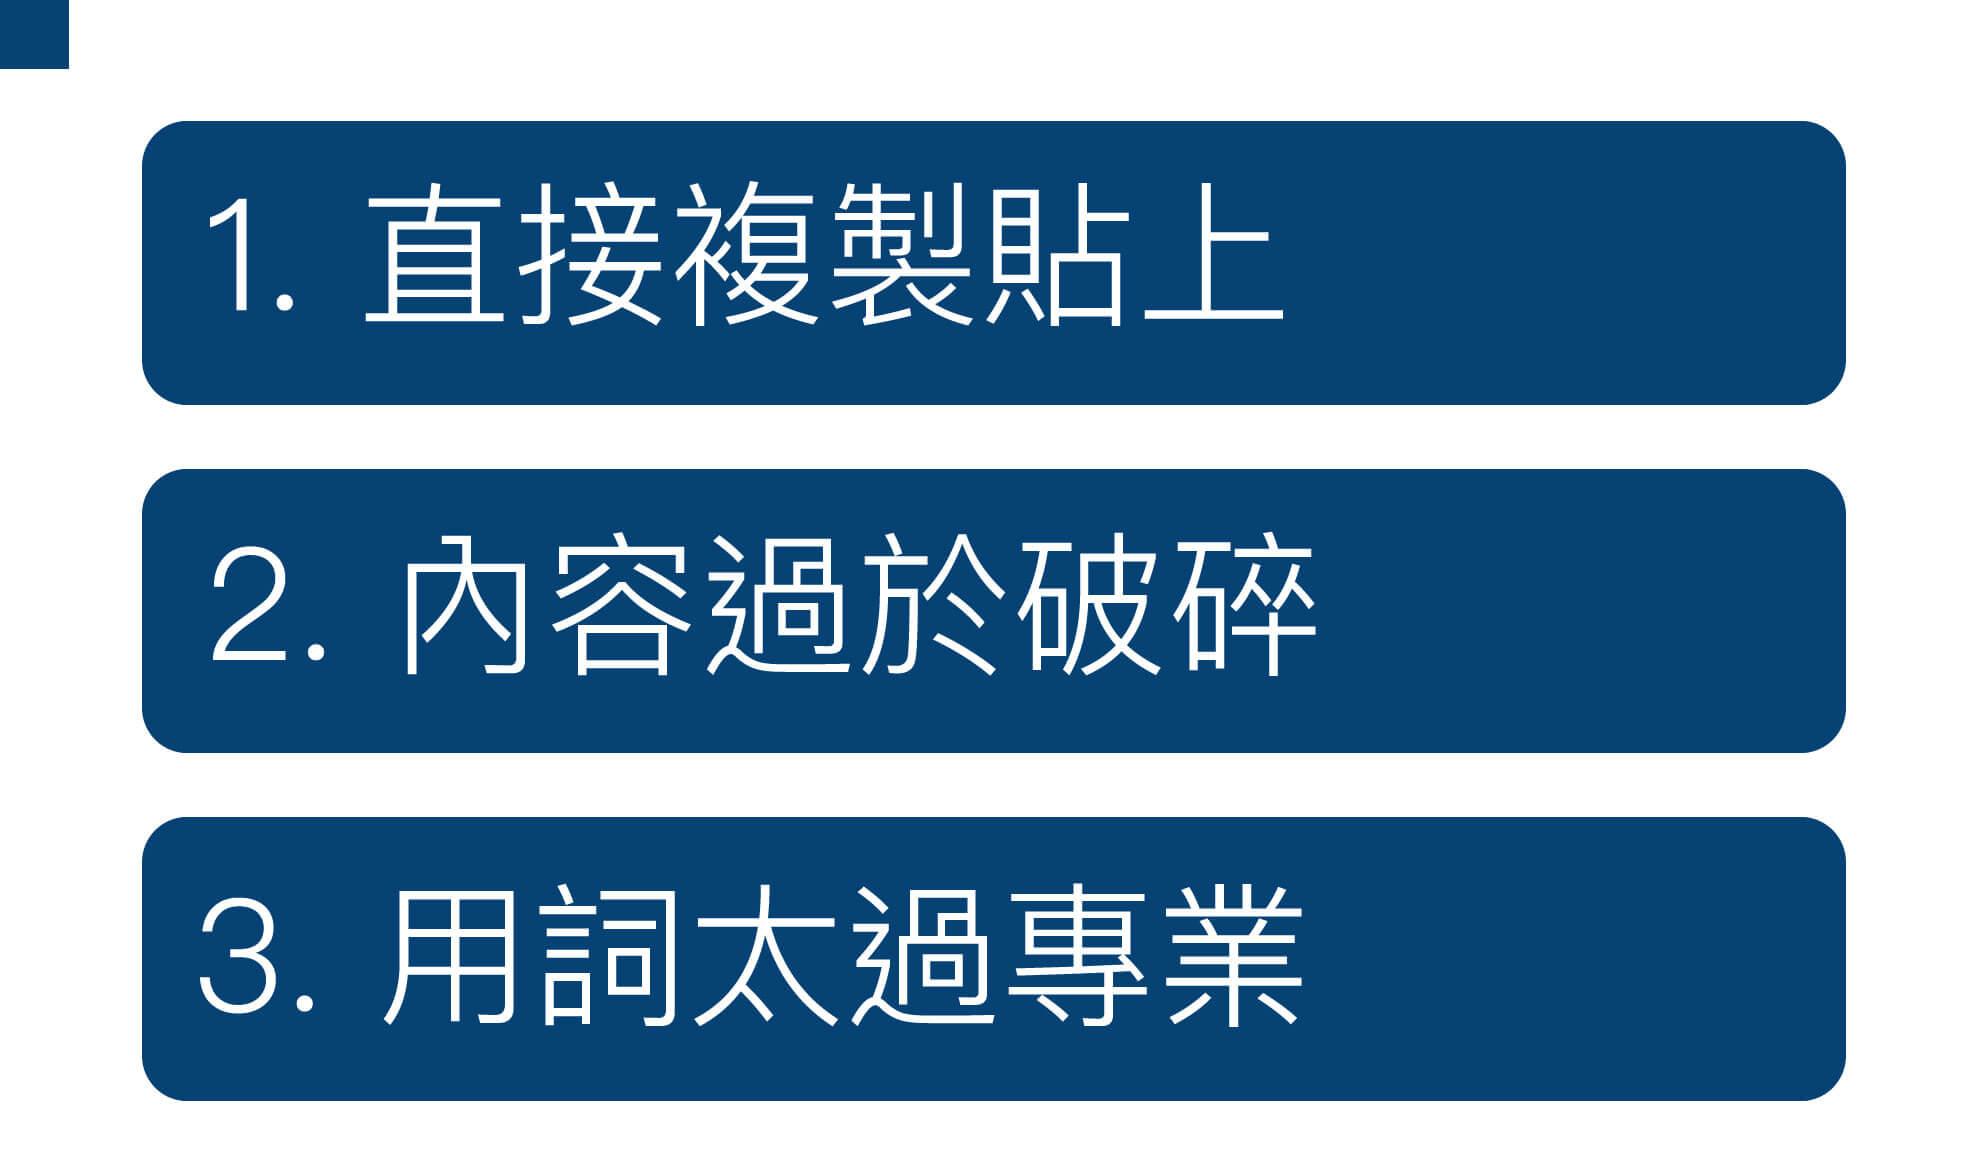 懶人圖解簡報術上_內文02